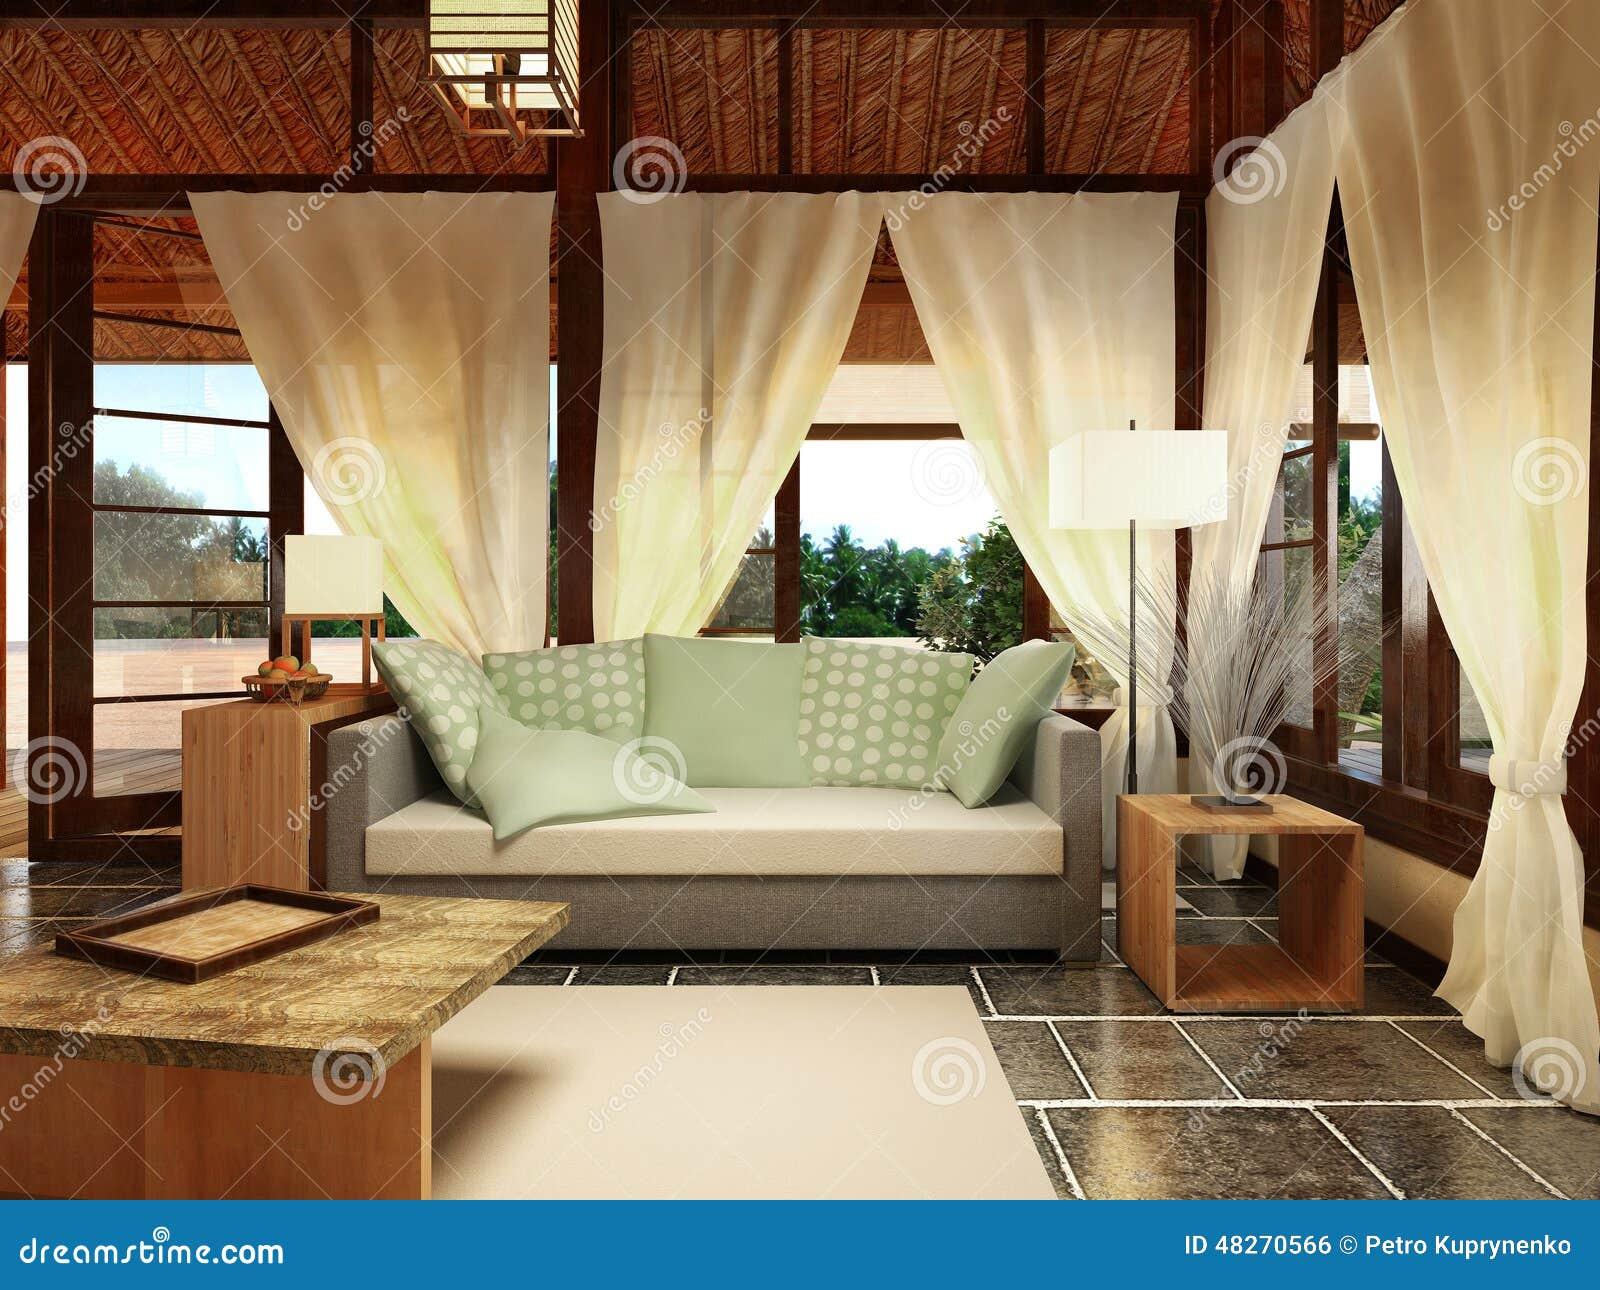 Bungalow-Innenarchitektur stock abbildung. Illustration von stroh ...